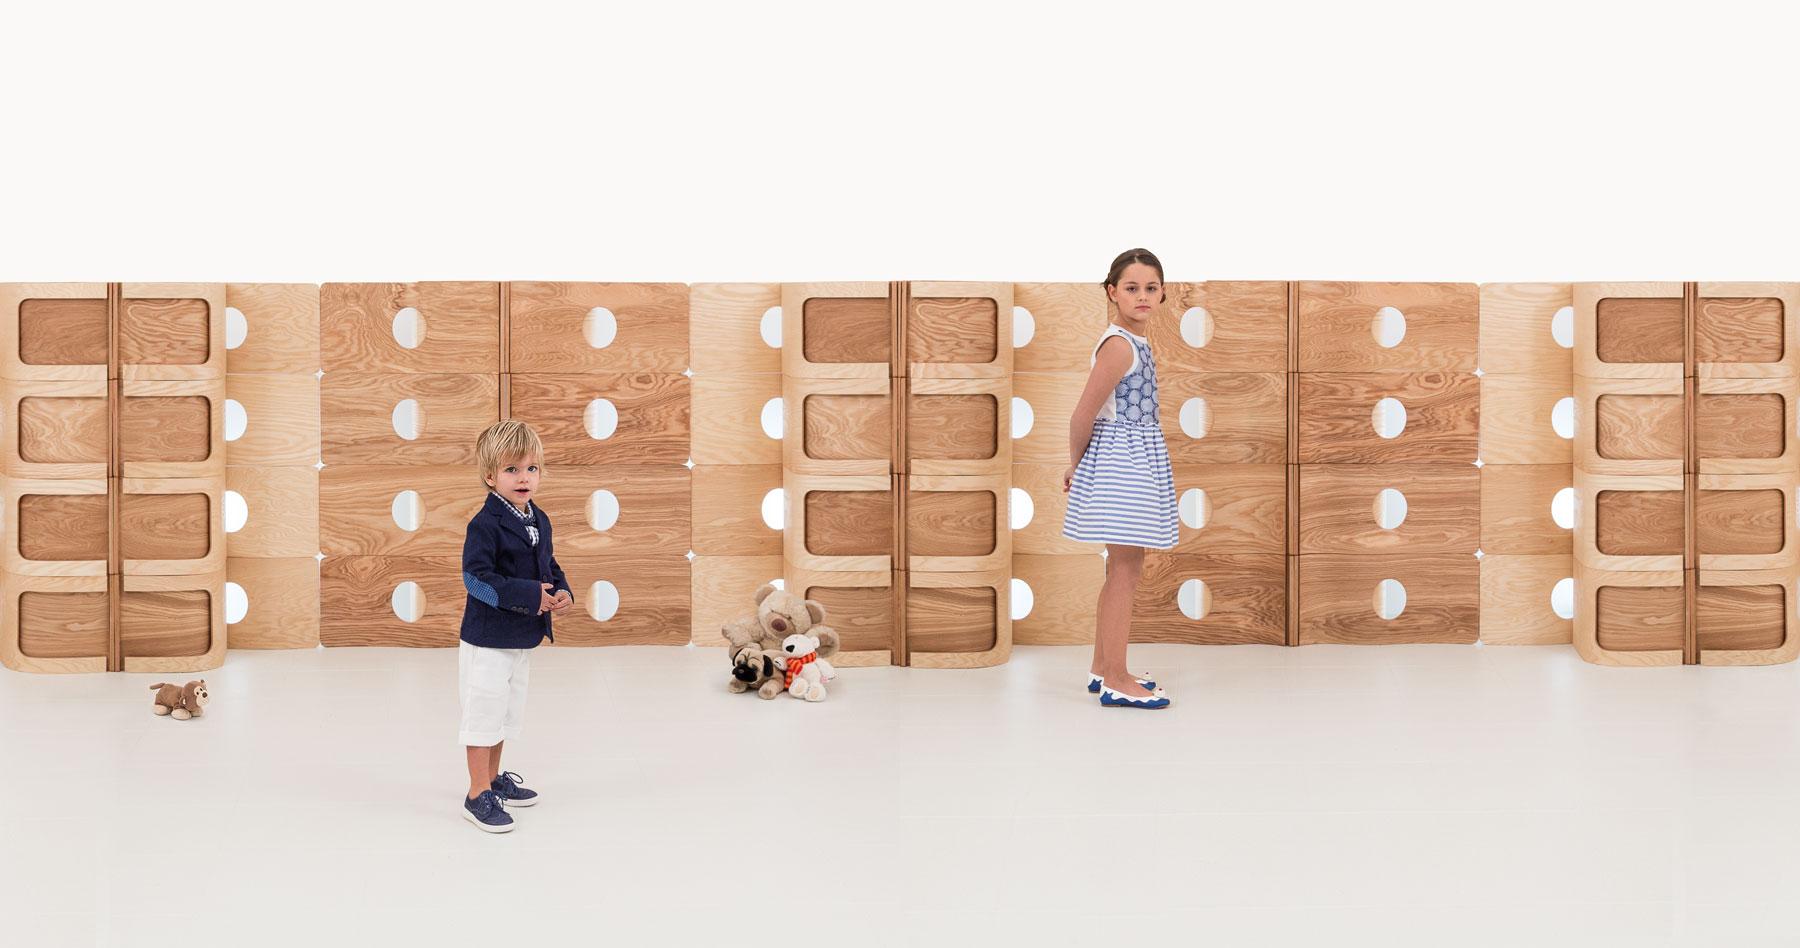 Séparé in legno e bambini